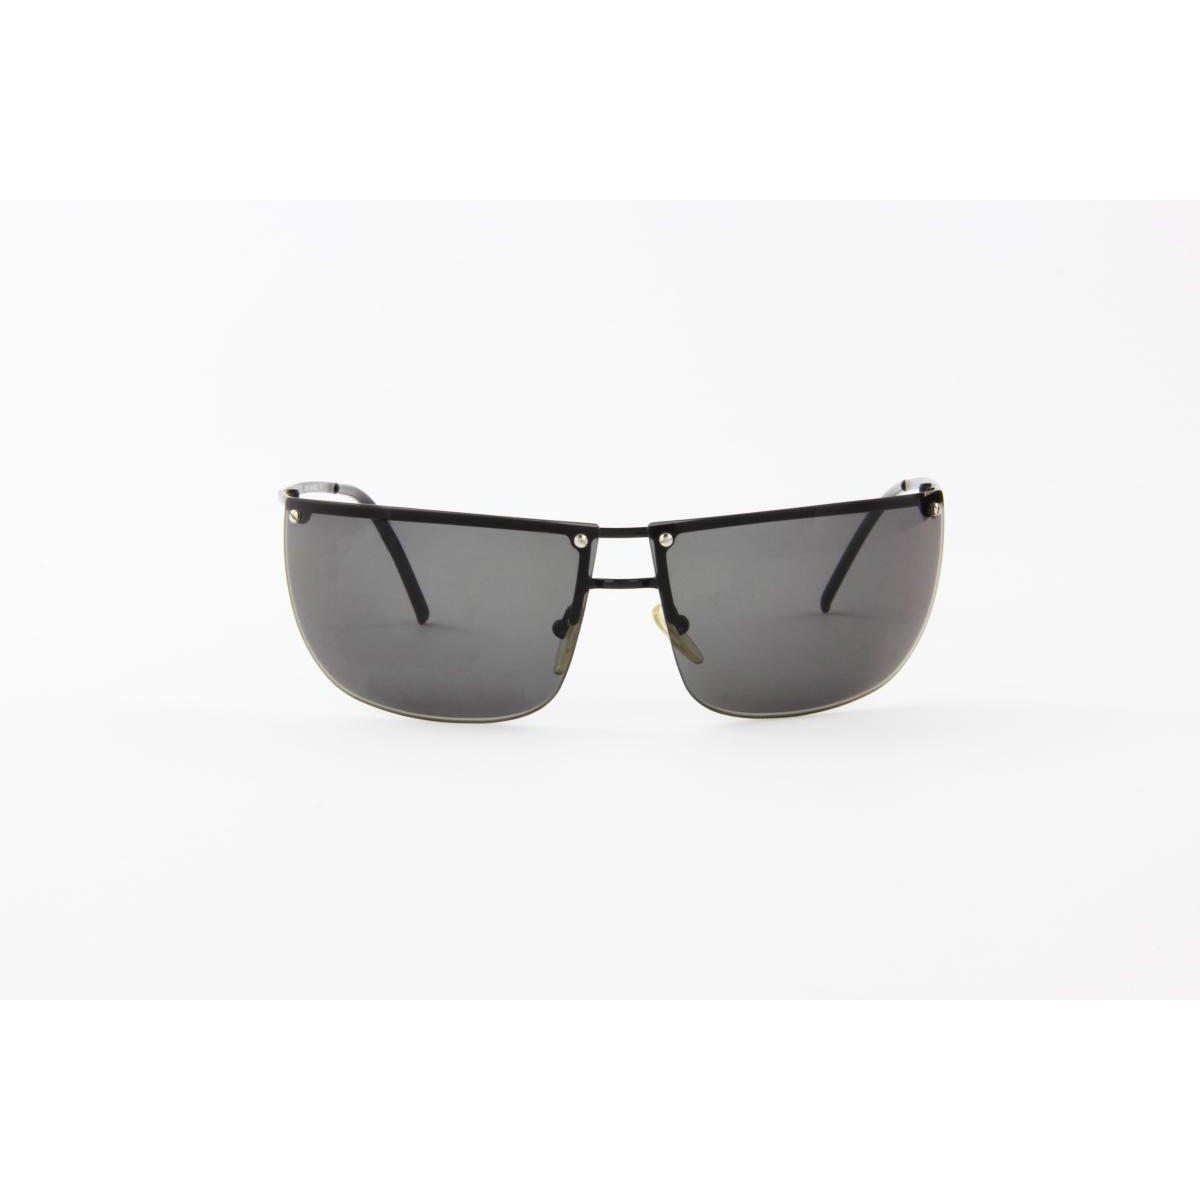 62e459844dff6 Óculos de Sol Gucci em Metal Lente - Compre Agora   Zattini